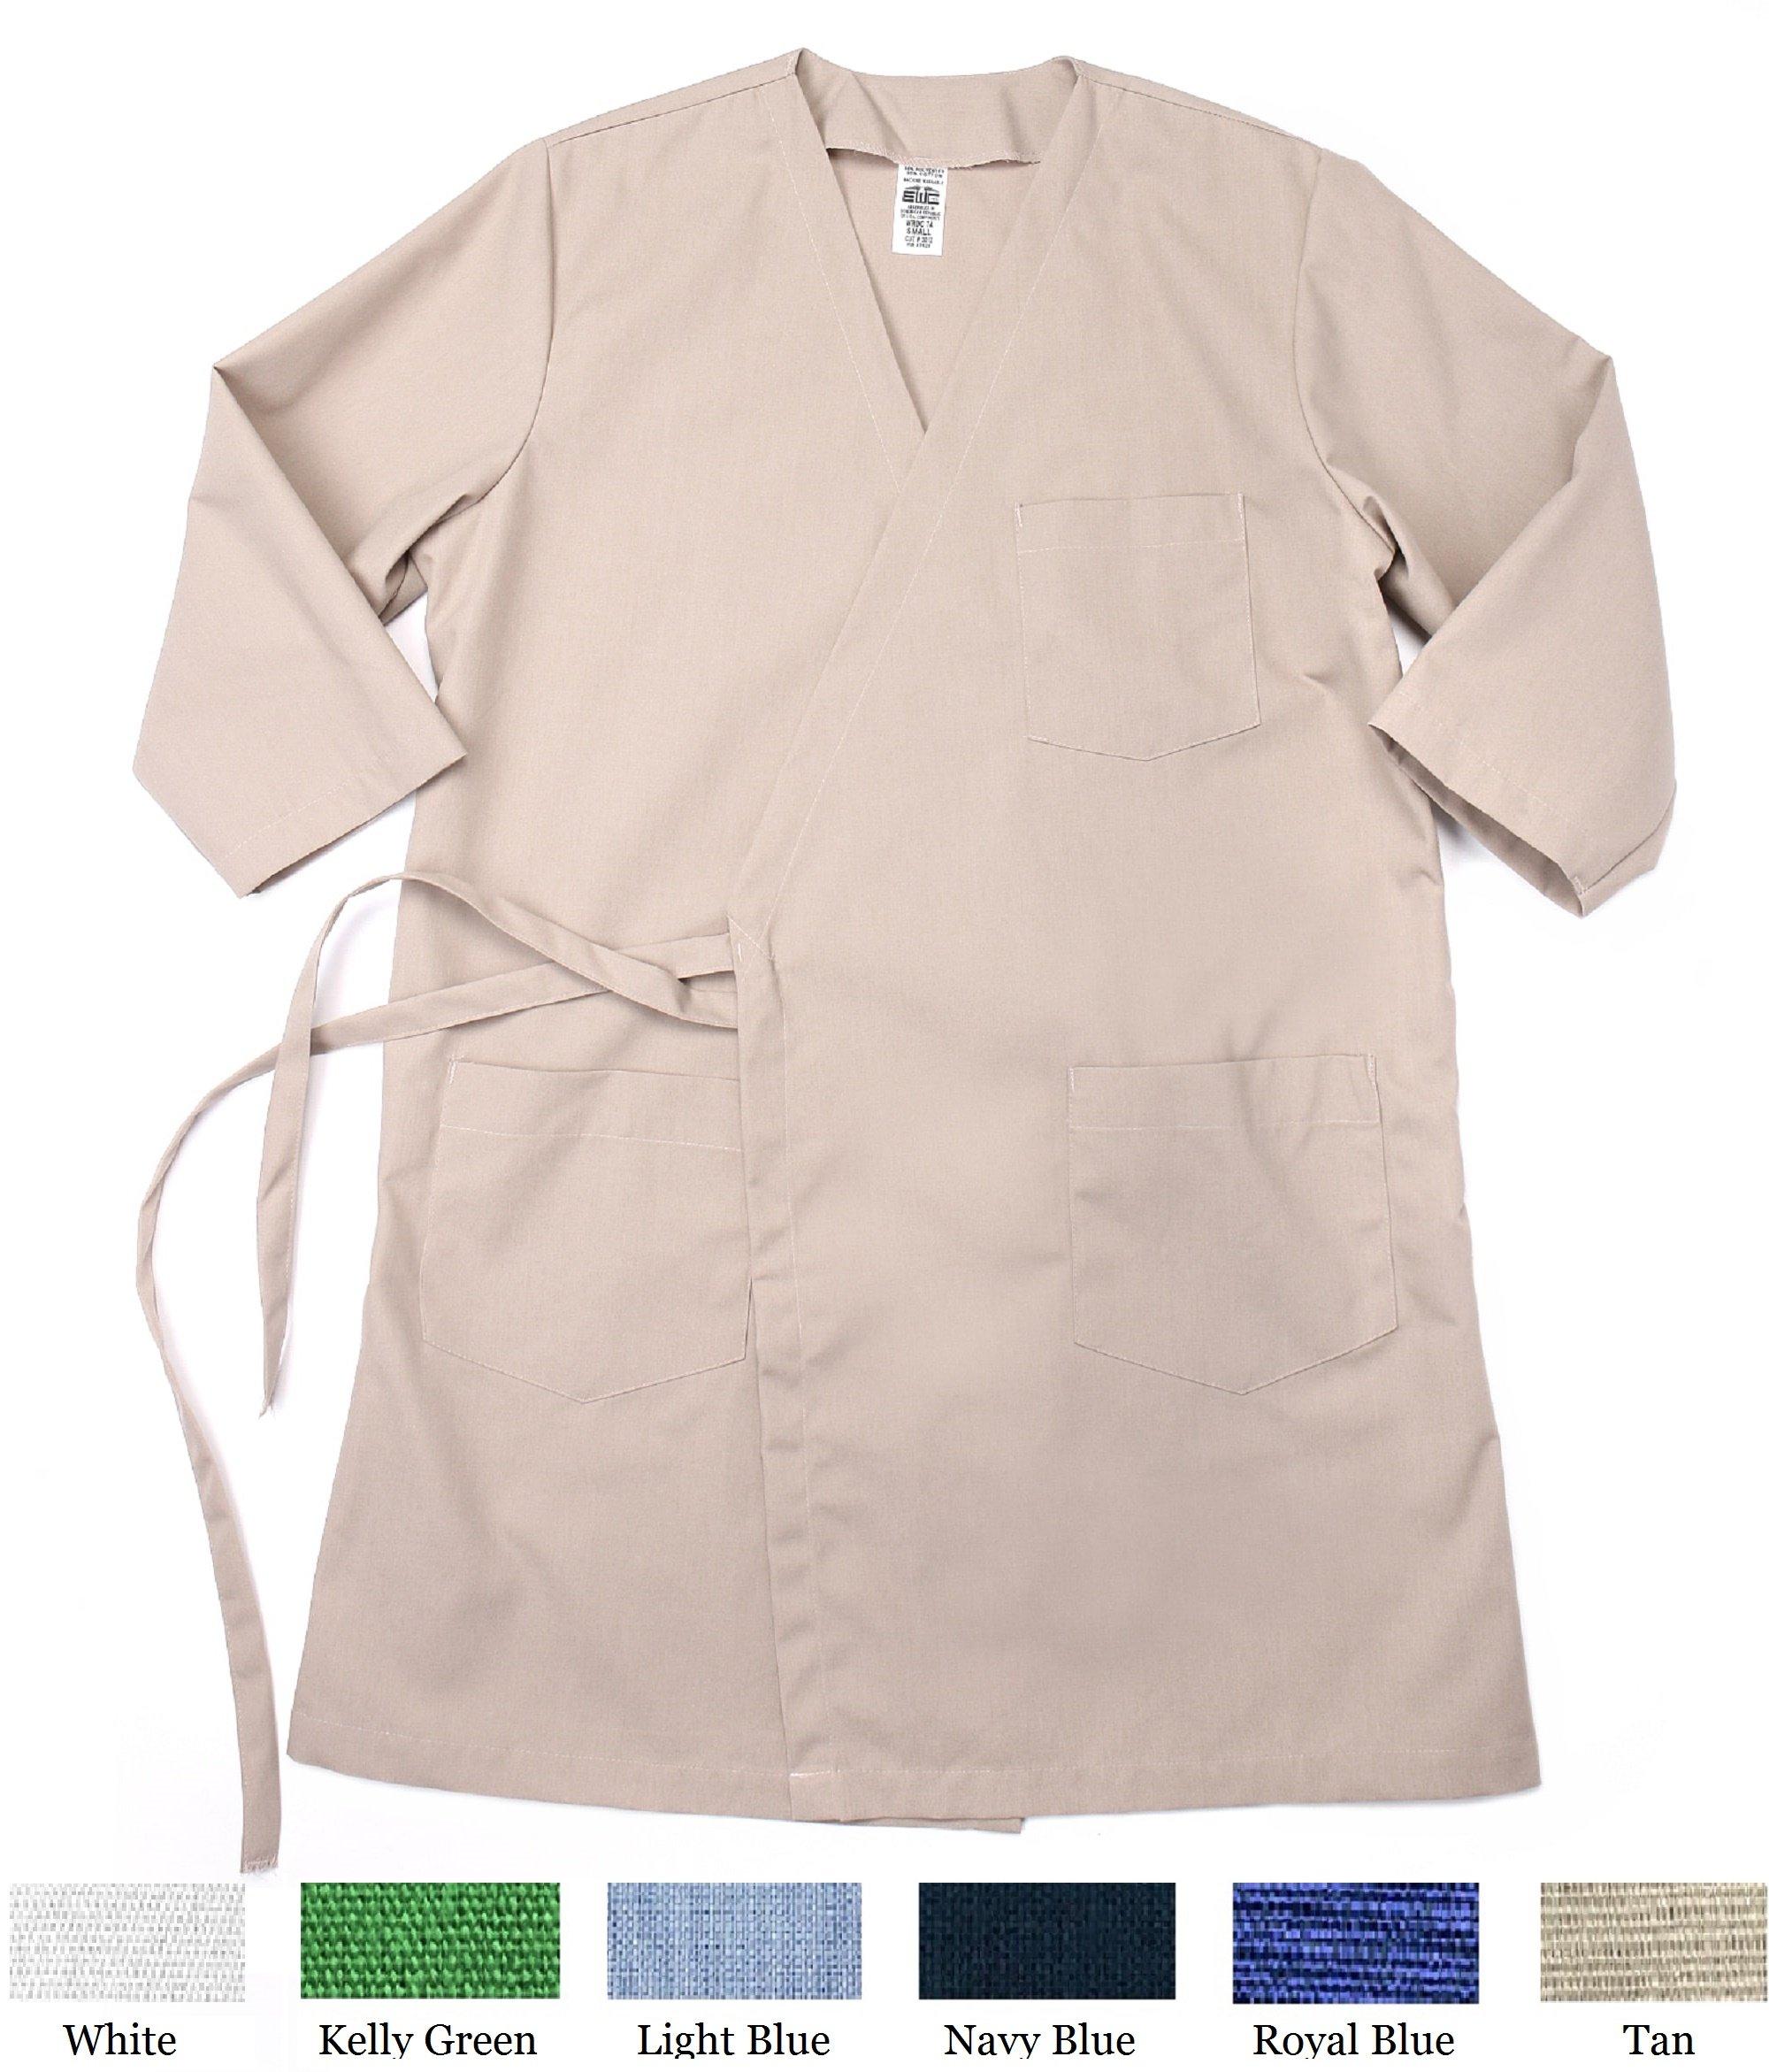 Tan Wraparound Gown 4XL